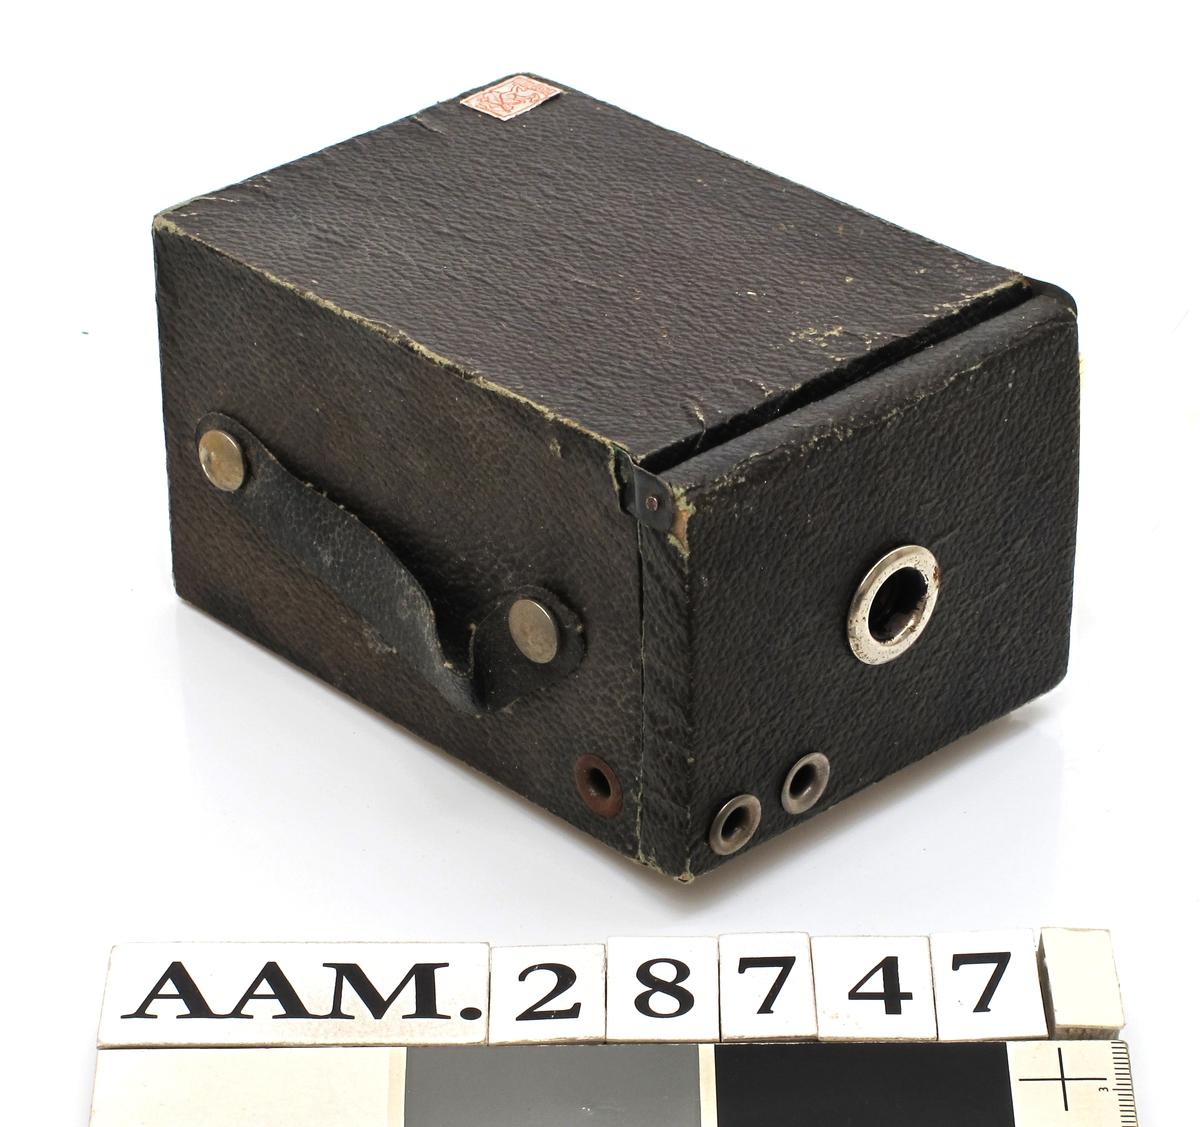 Utseende som et fotoapparat, et kassapparat, vanlig kameratype i 1950-årene. Når en trykker på utløseren spretter det ut en stor larve festet på en fjær.